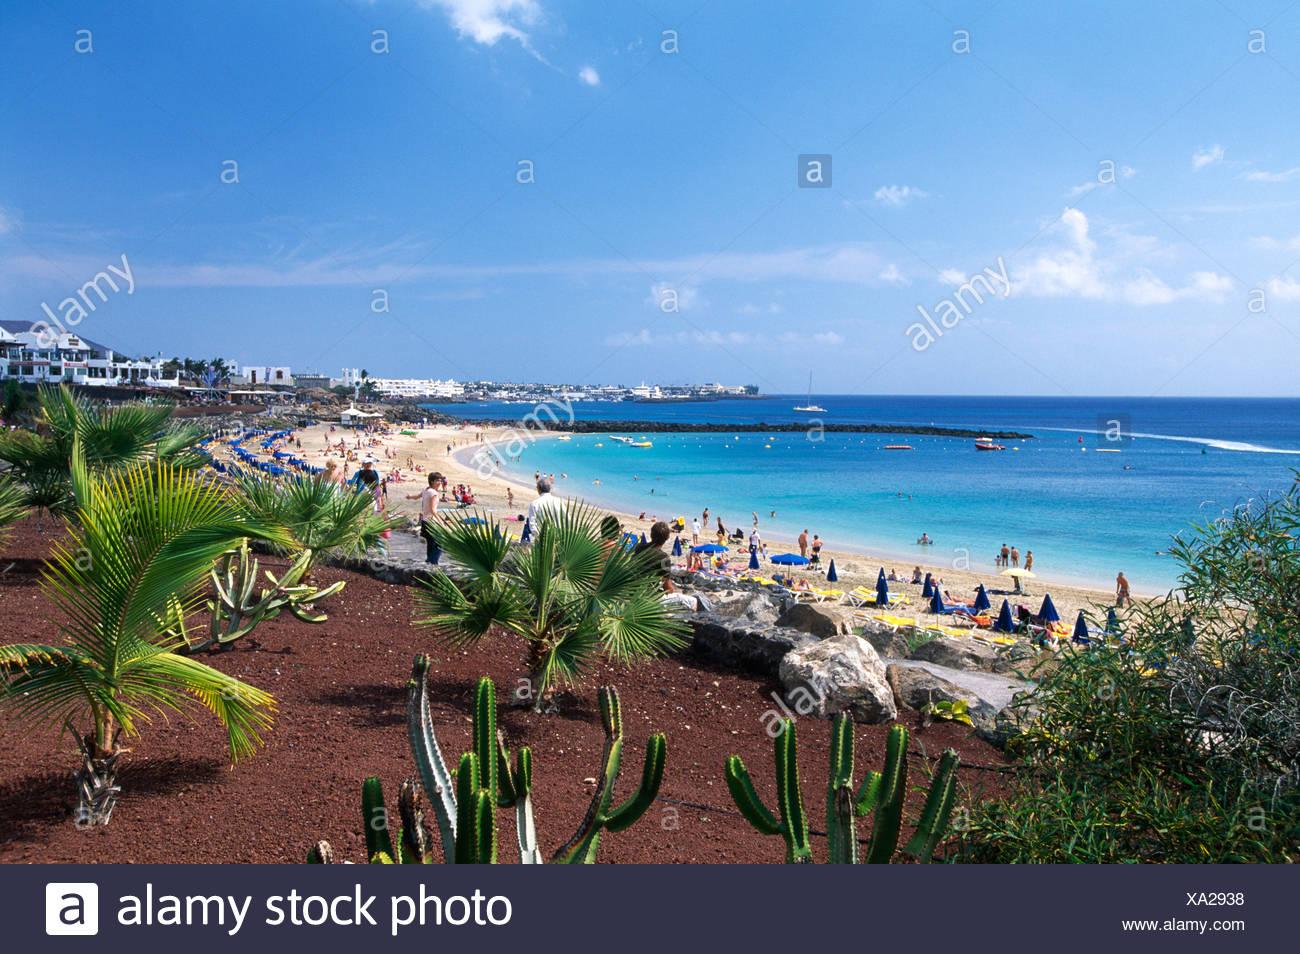 Playa Dorada von Playa Blanca, Lanzarote, Kanarische Inseln, Spanien, Europa Stockbild